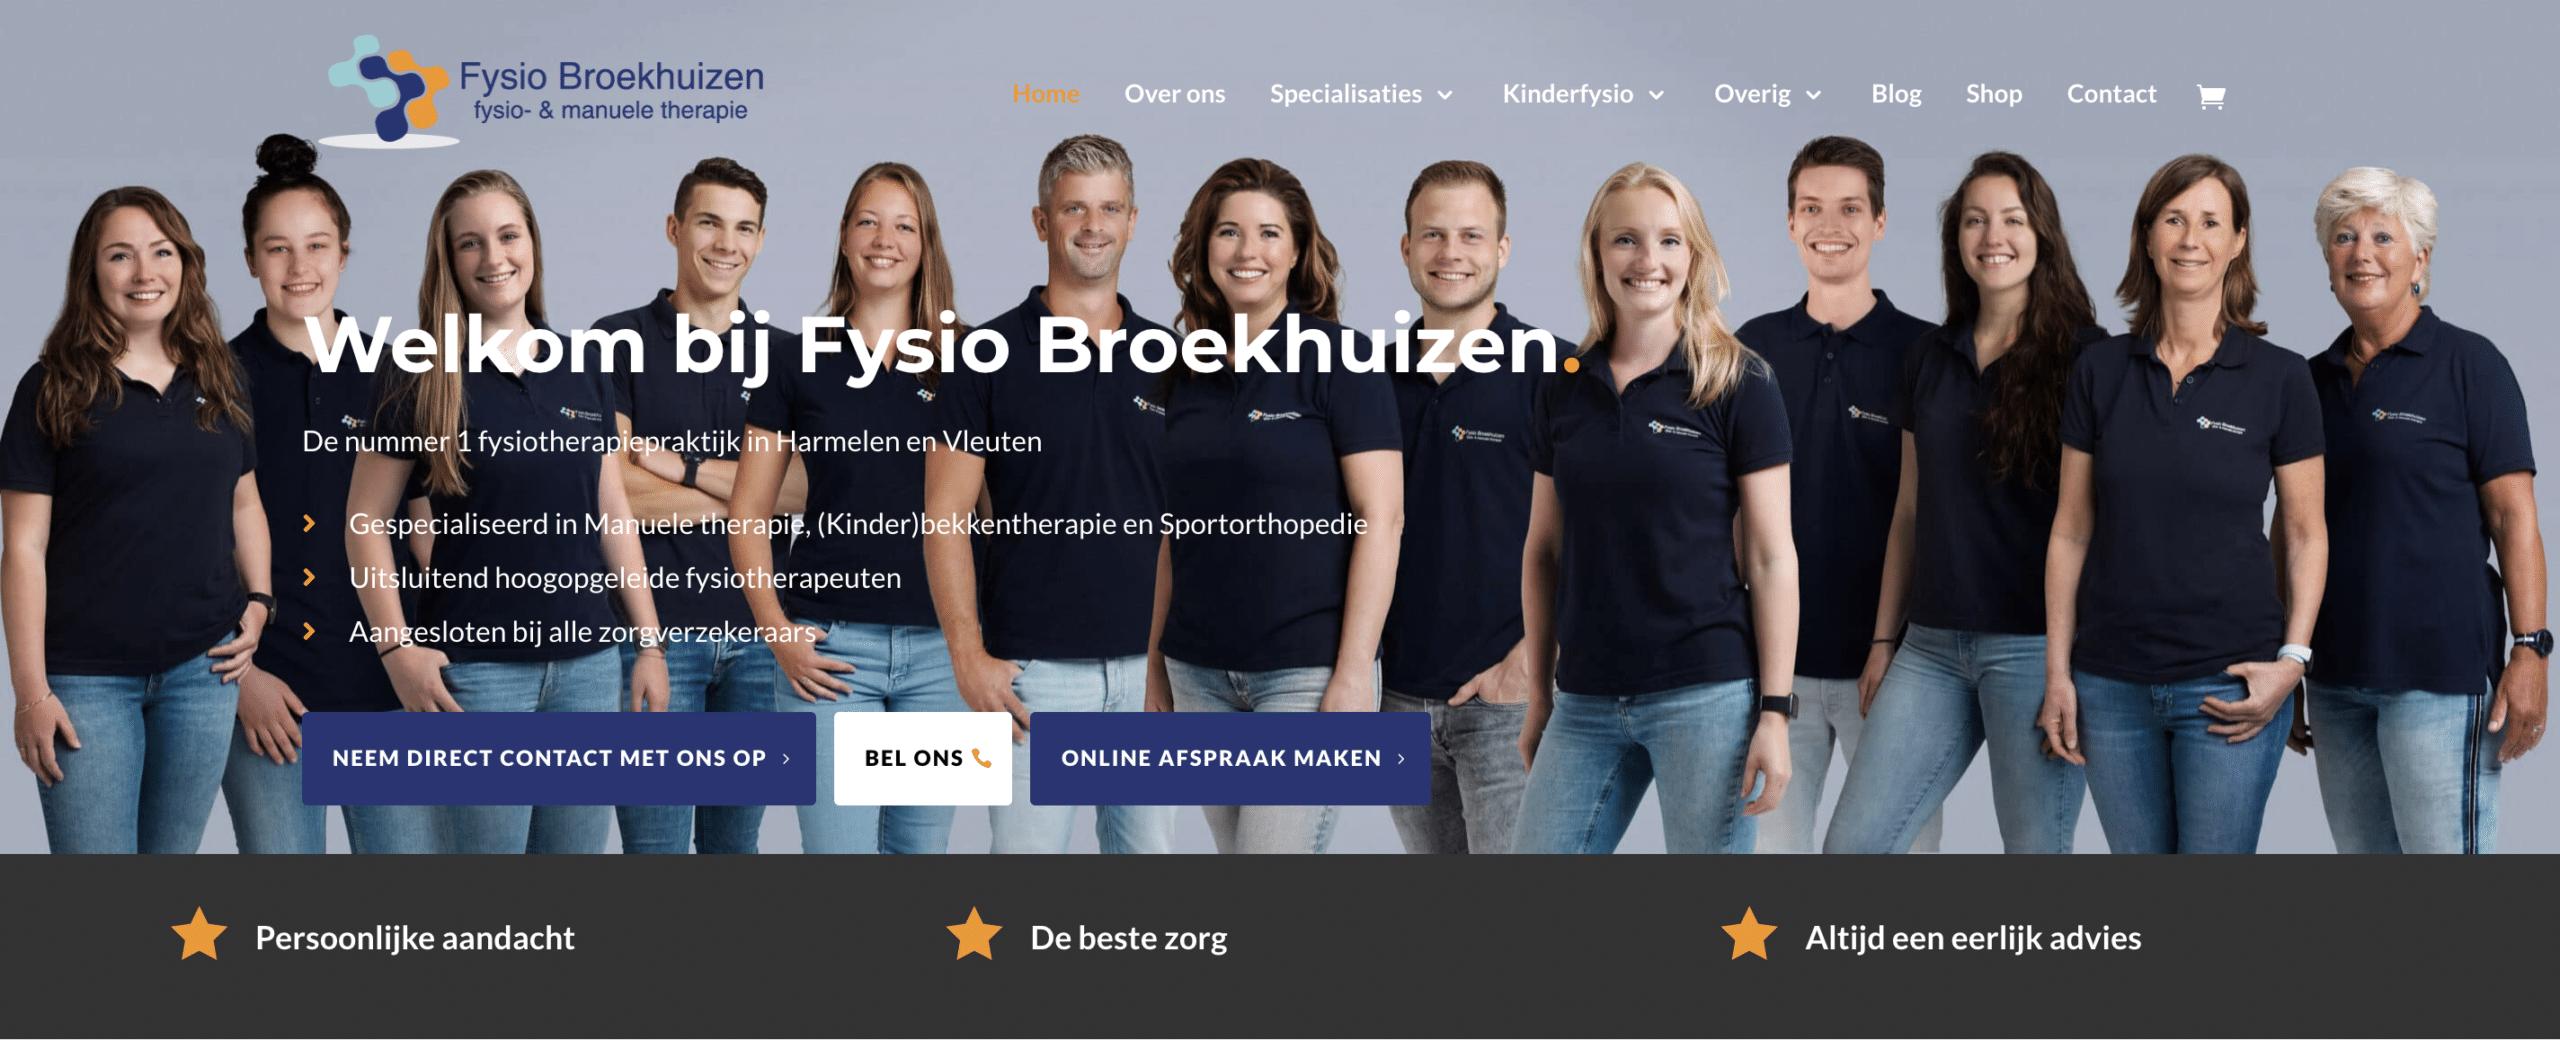 USP's website